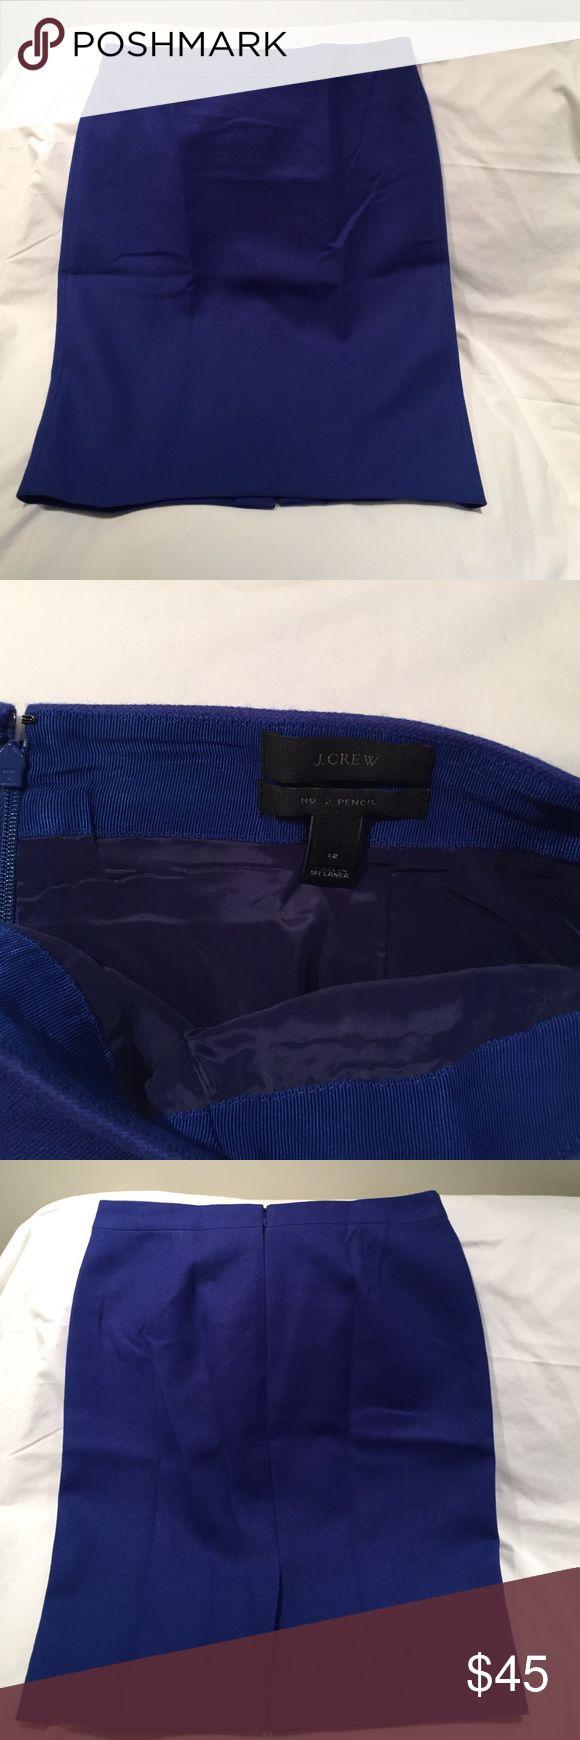 Jcrew no. 2 wool pencil skirt, royal blue Jcrew no. 2 wool pencil skirt, royal blue J. Crew Skirts Pencil